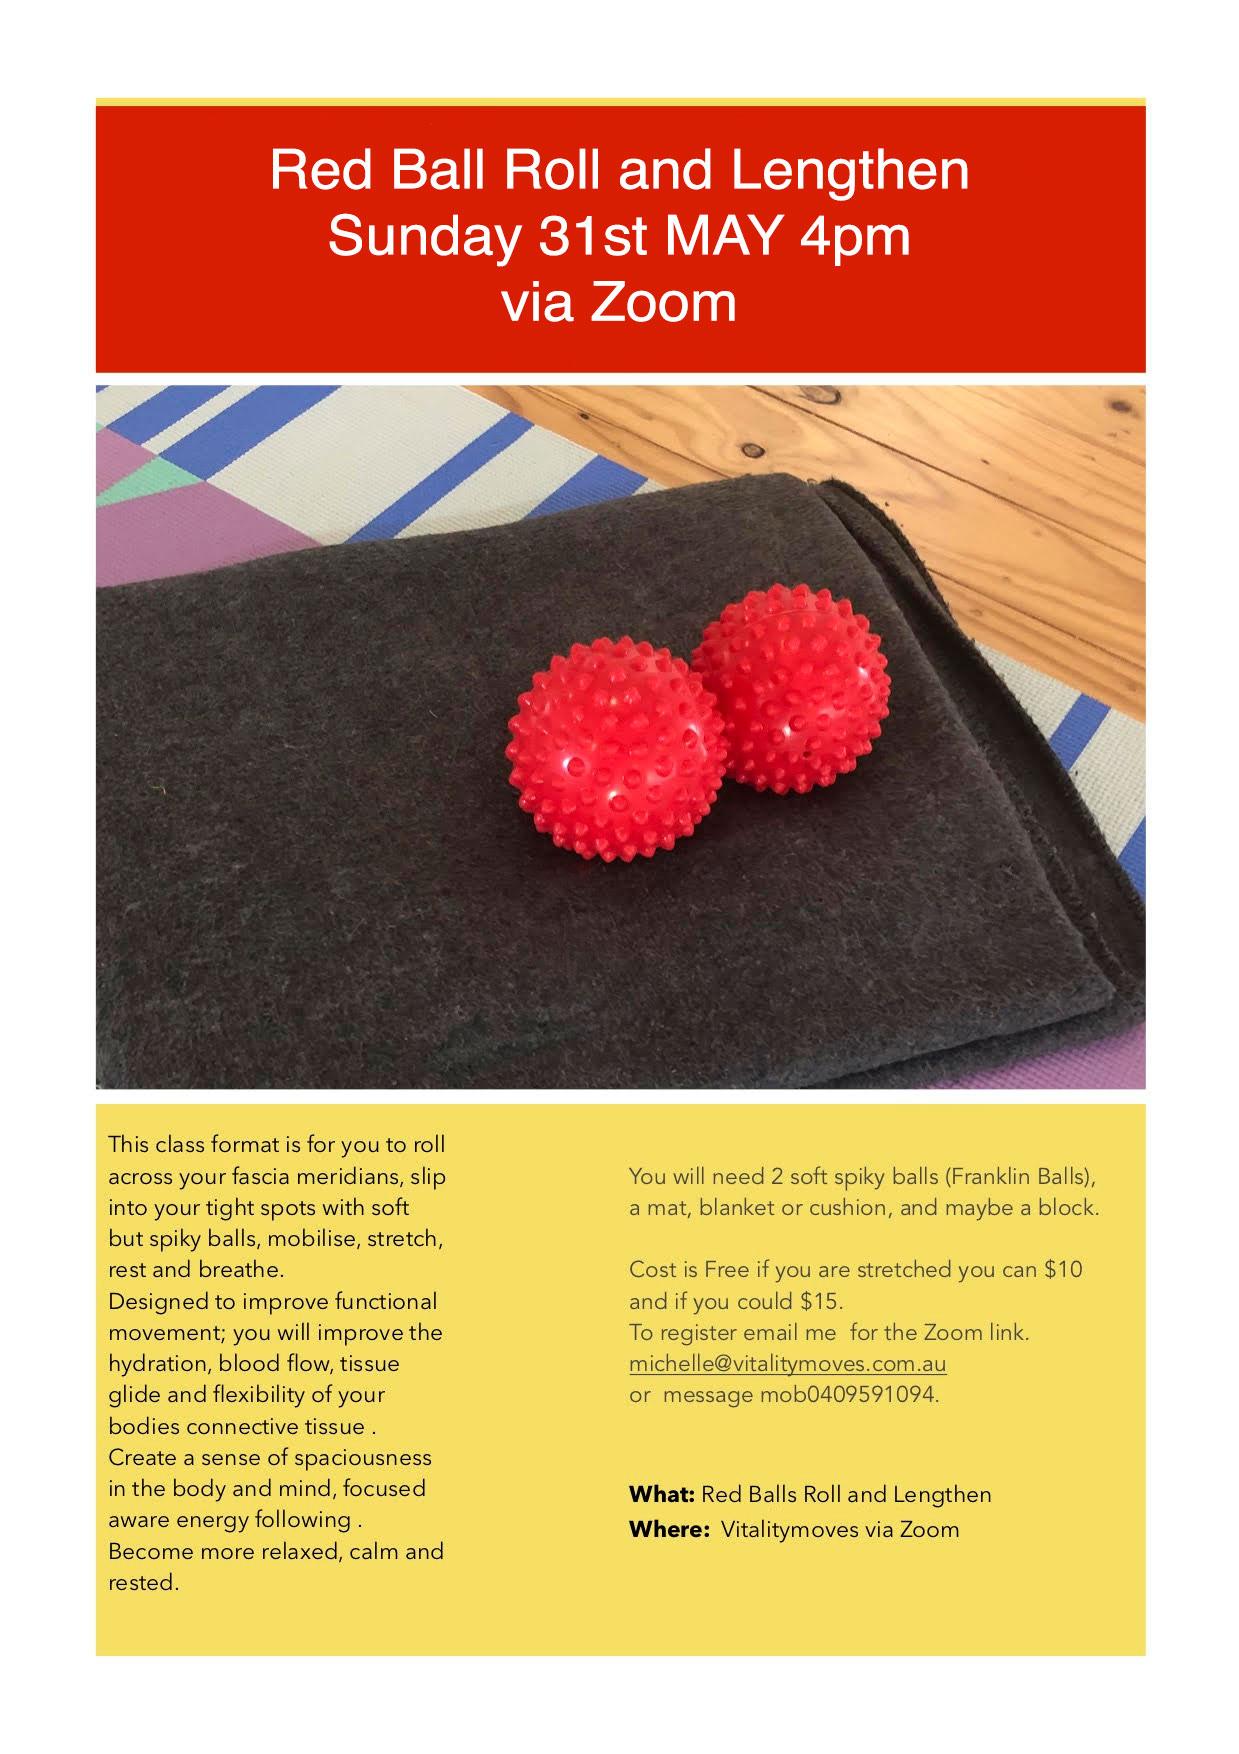 red ball lengthen class zoom